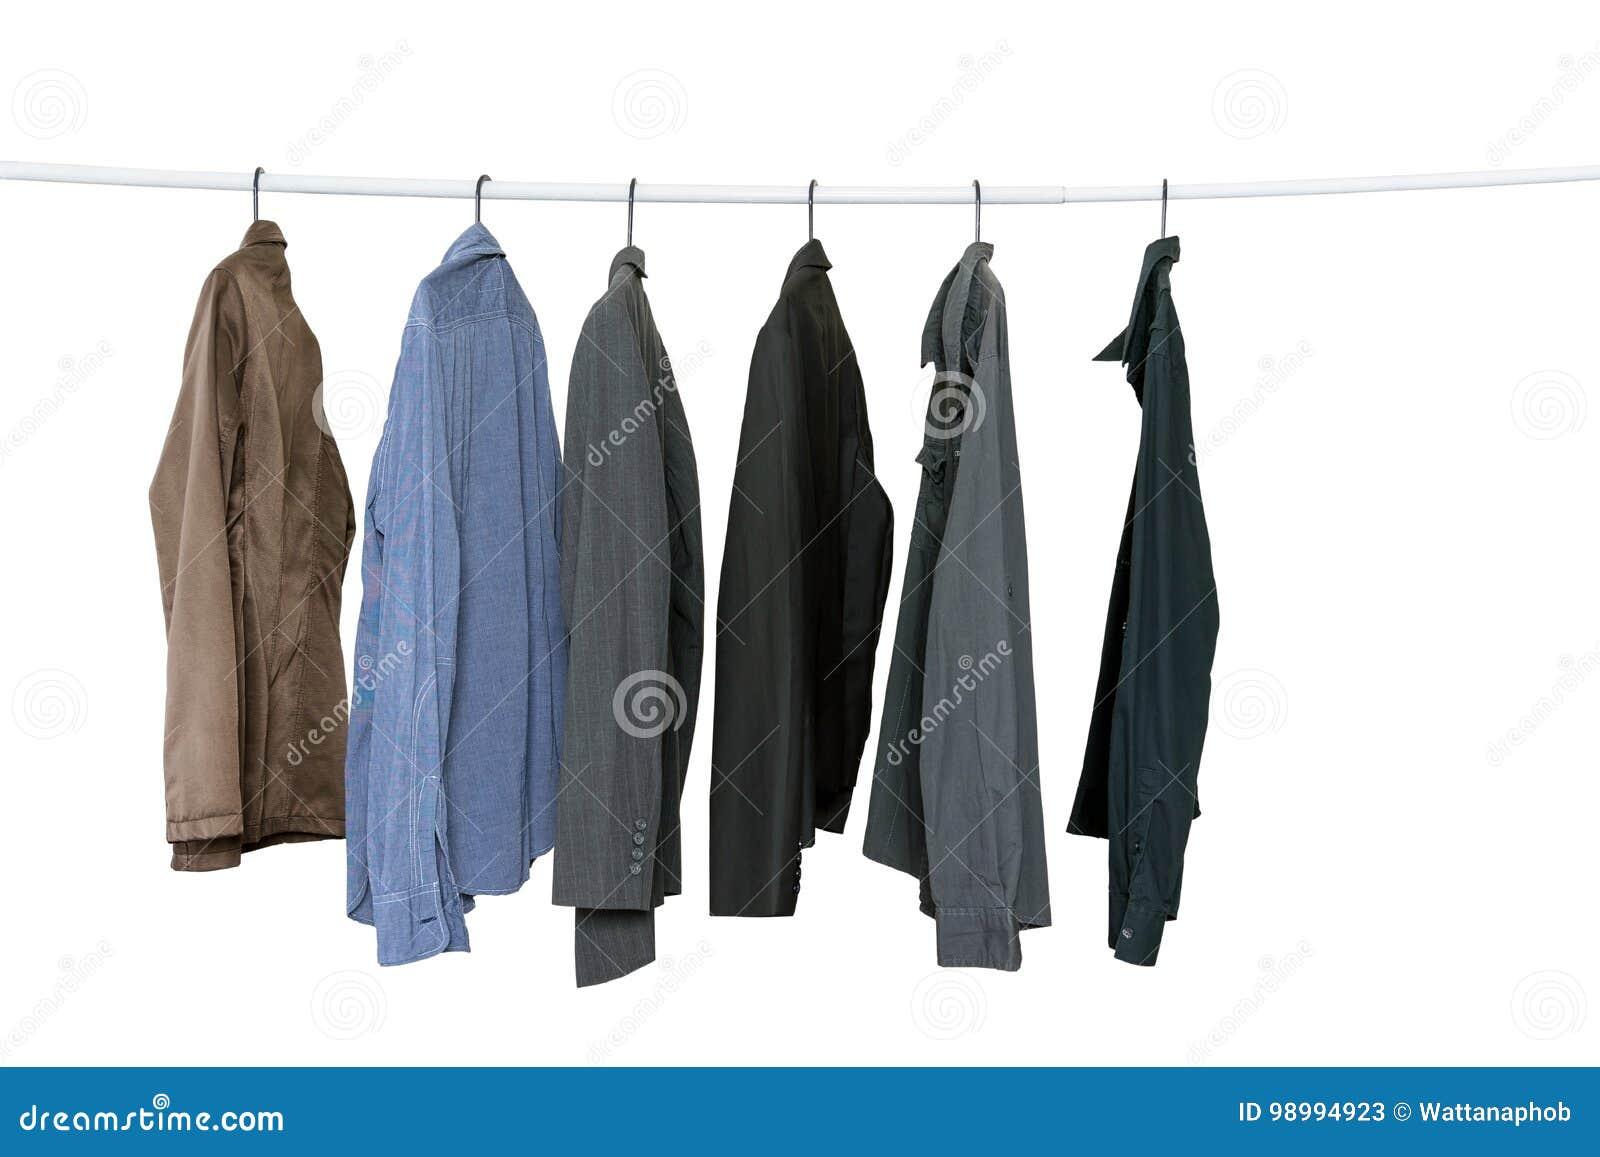 e40a9824ce Colección de camisas de manga larga del ` s de los hombres que cuelgan en  la línea de ropa aislada en el fondo blanco con la trayectoria de recortes